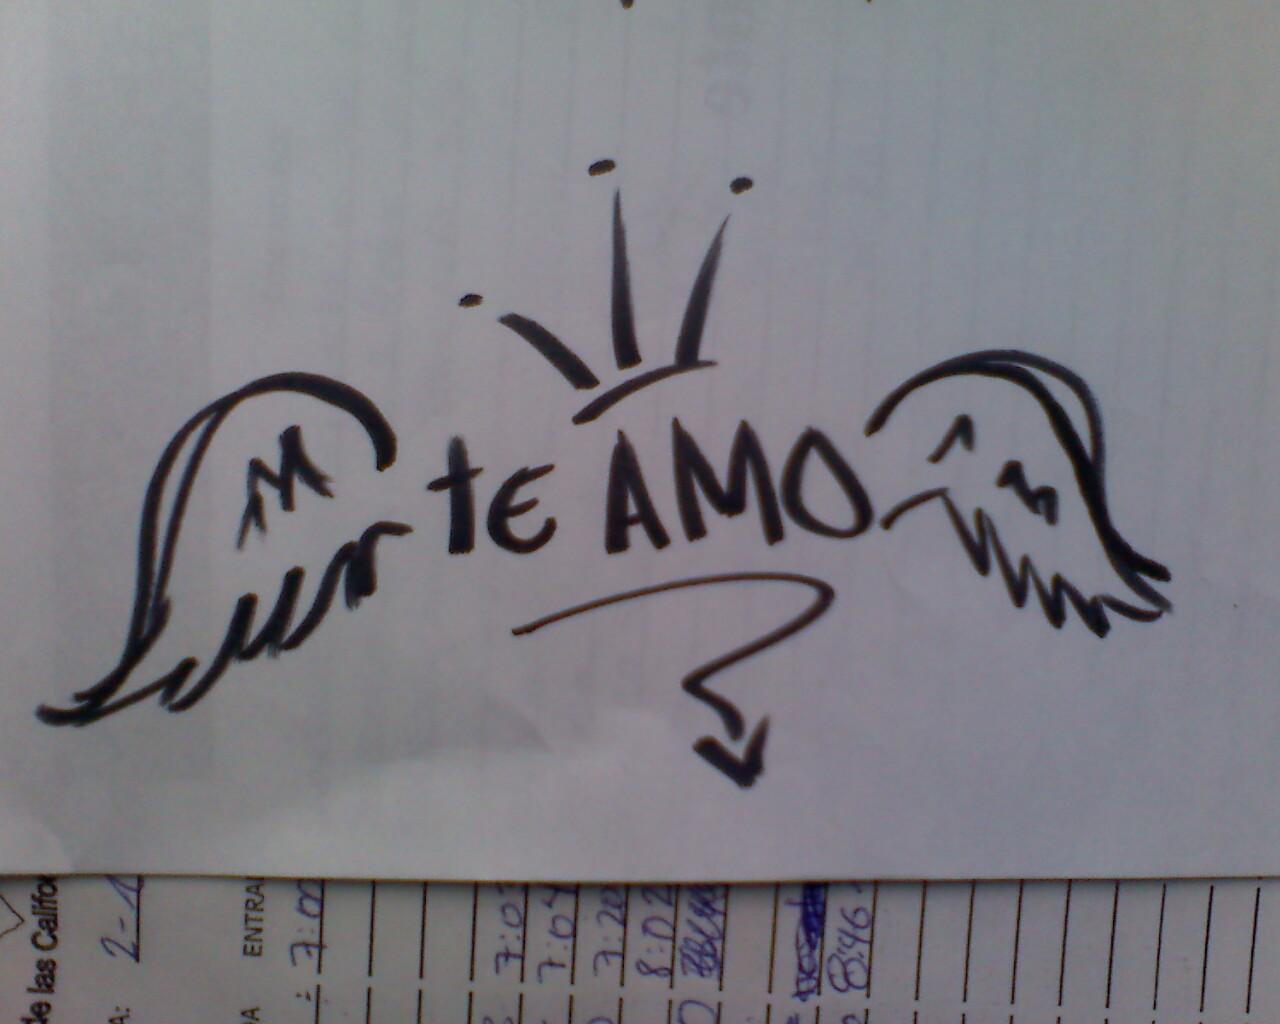 Imagenes que digan te amo en graffiti   Imagenes de amor HD